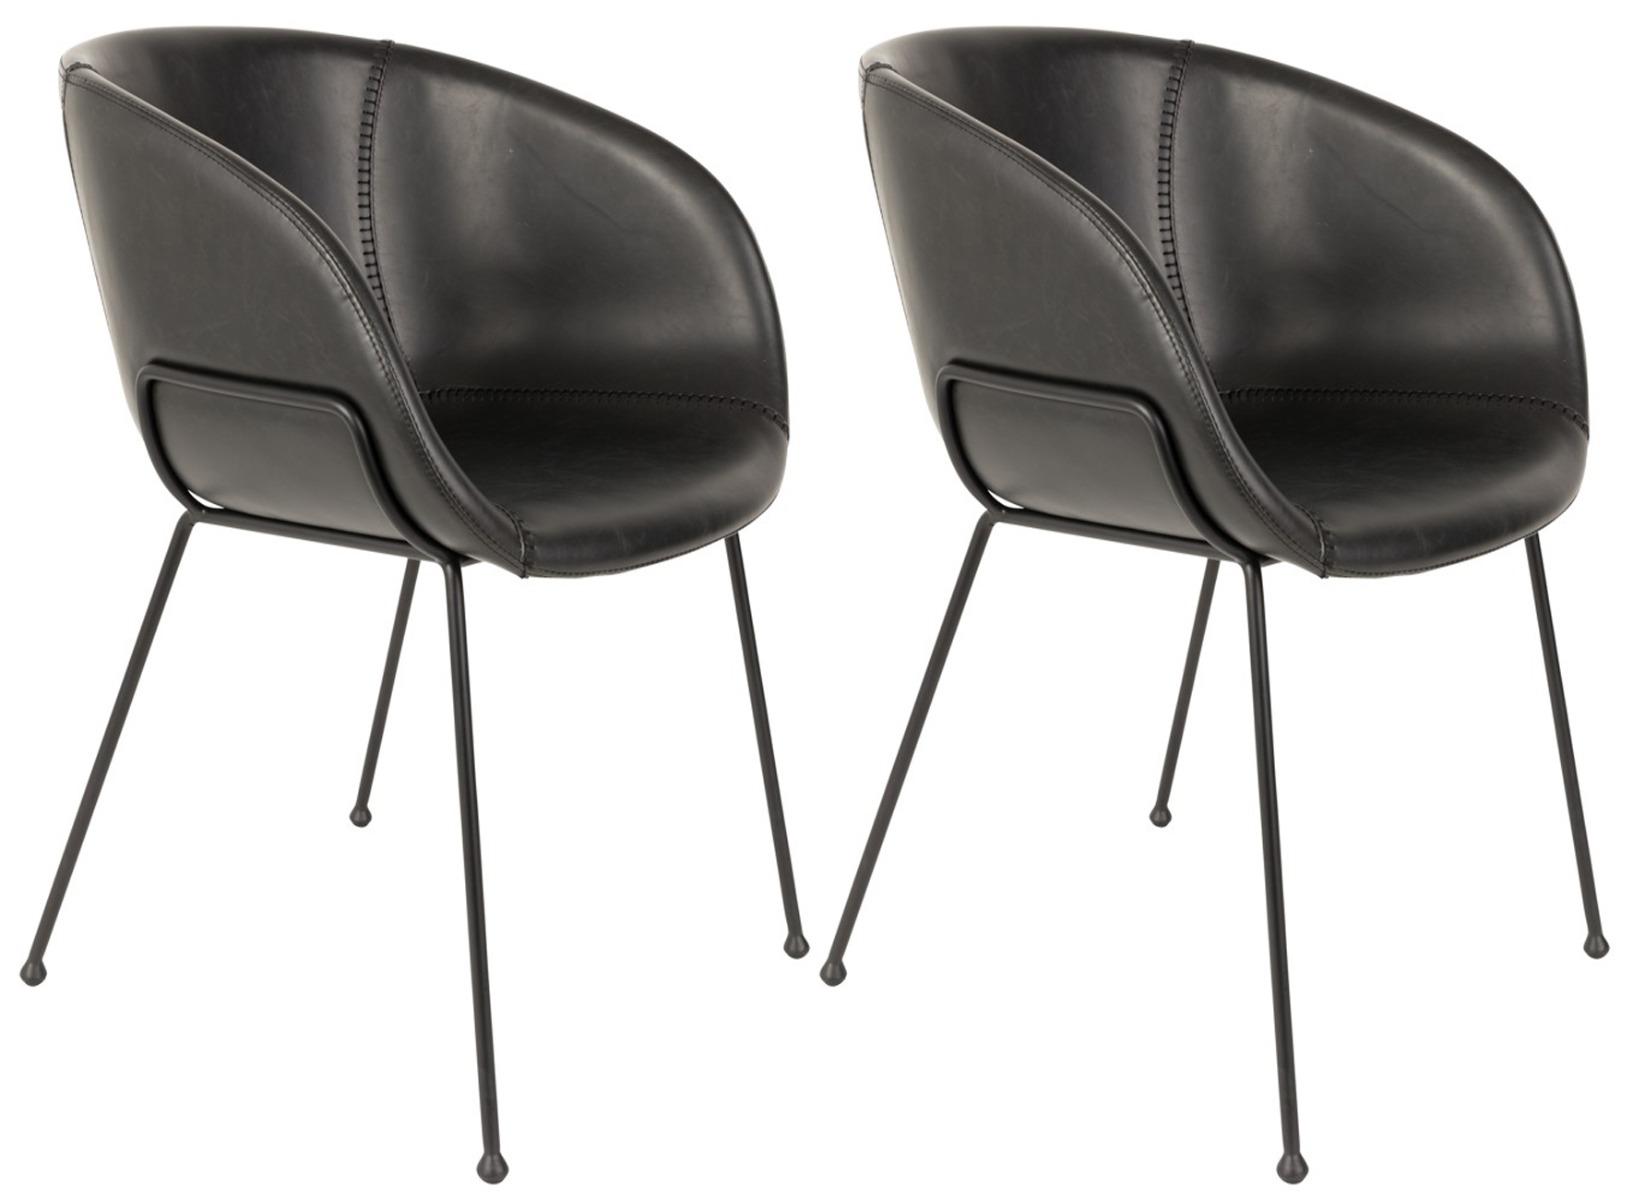 Zuiver Feston Stoel - Set Van 2 - Kunstleer Zwart - Zwarte Metalen Poten